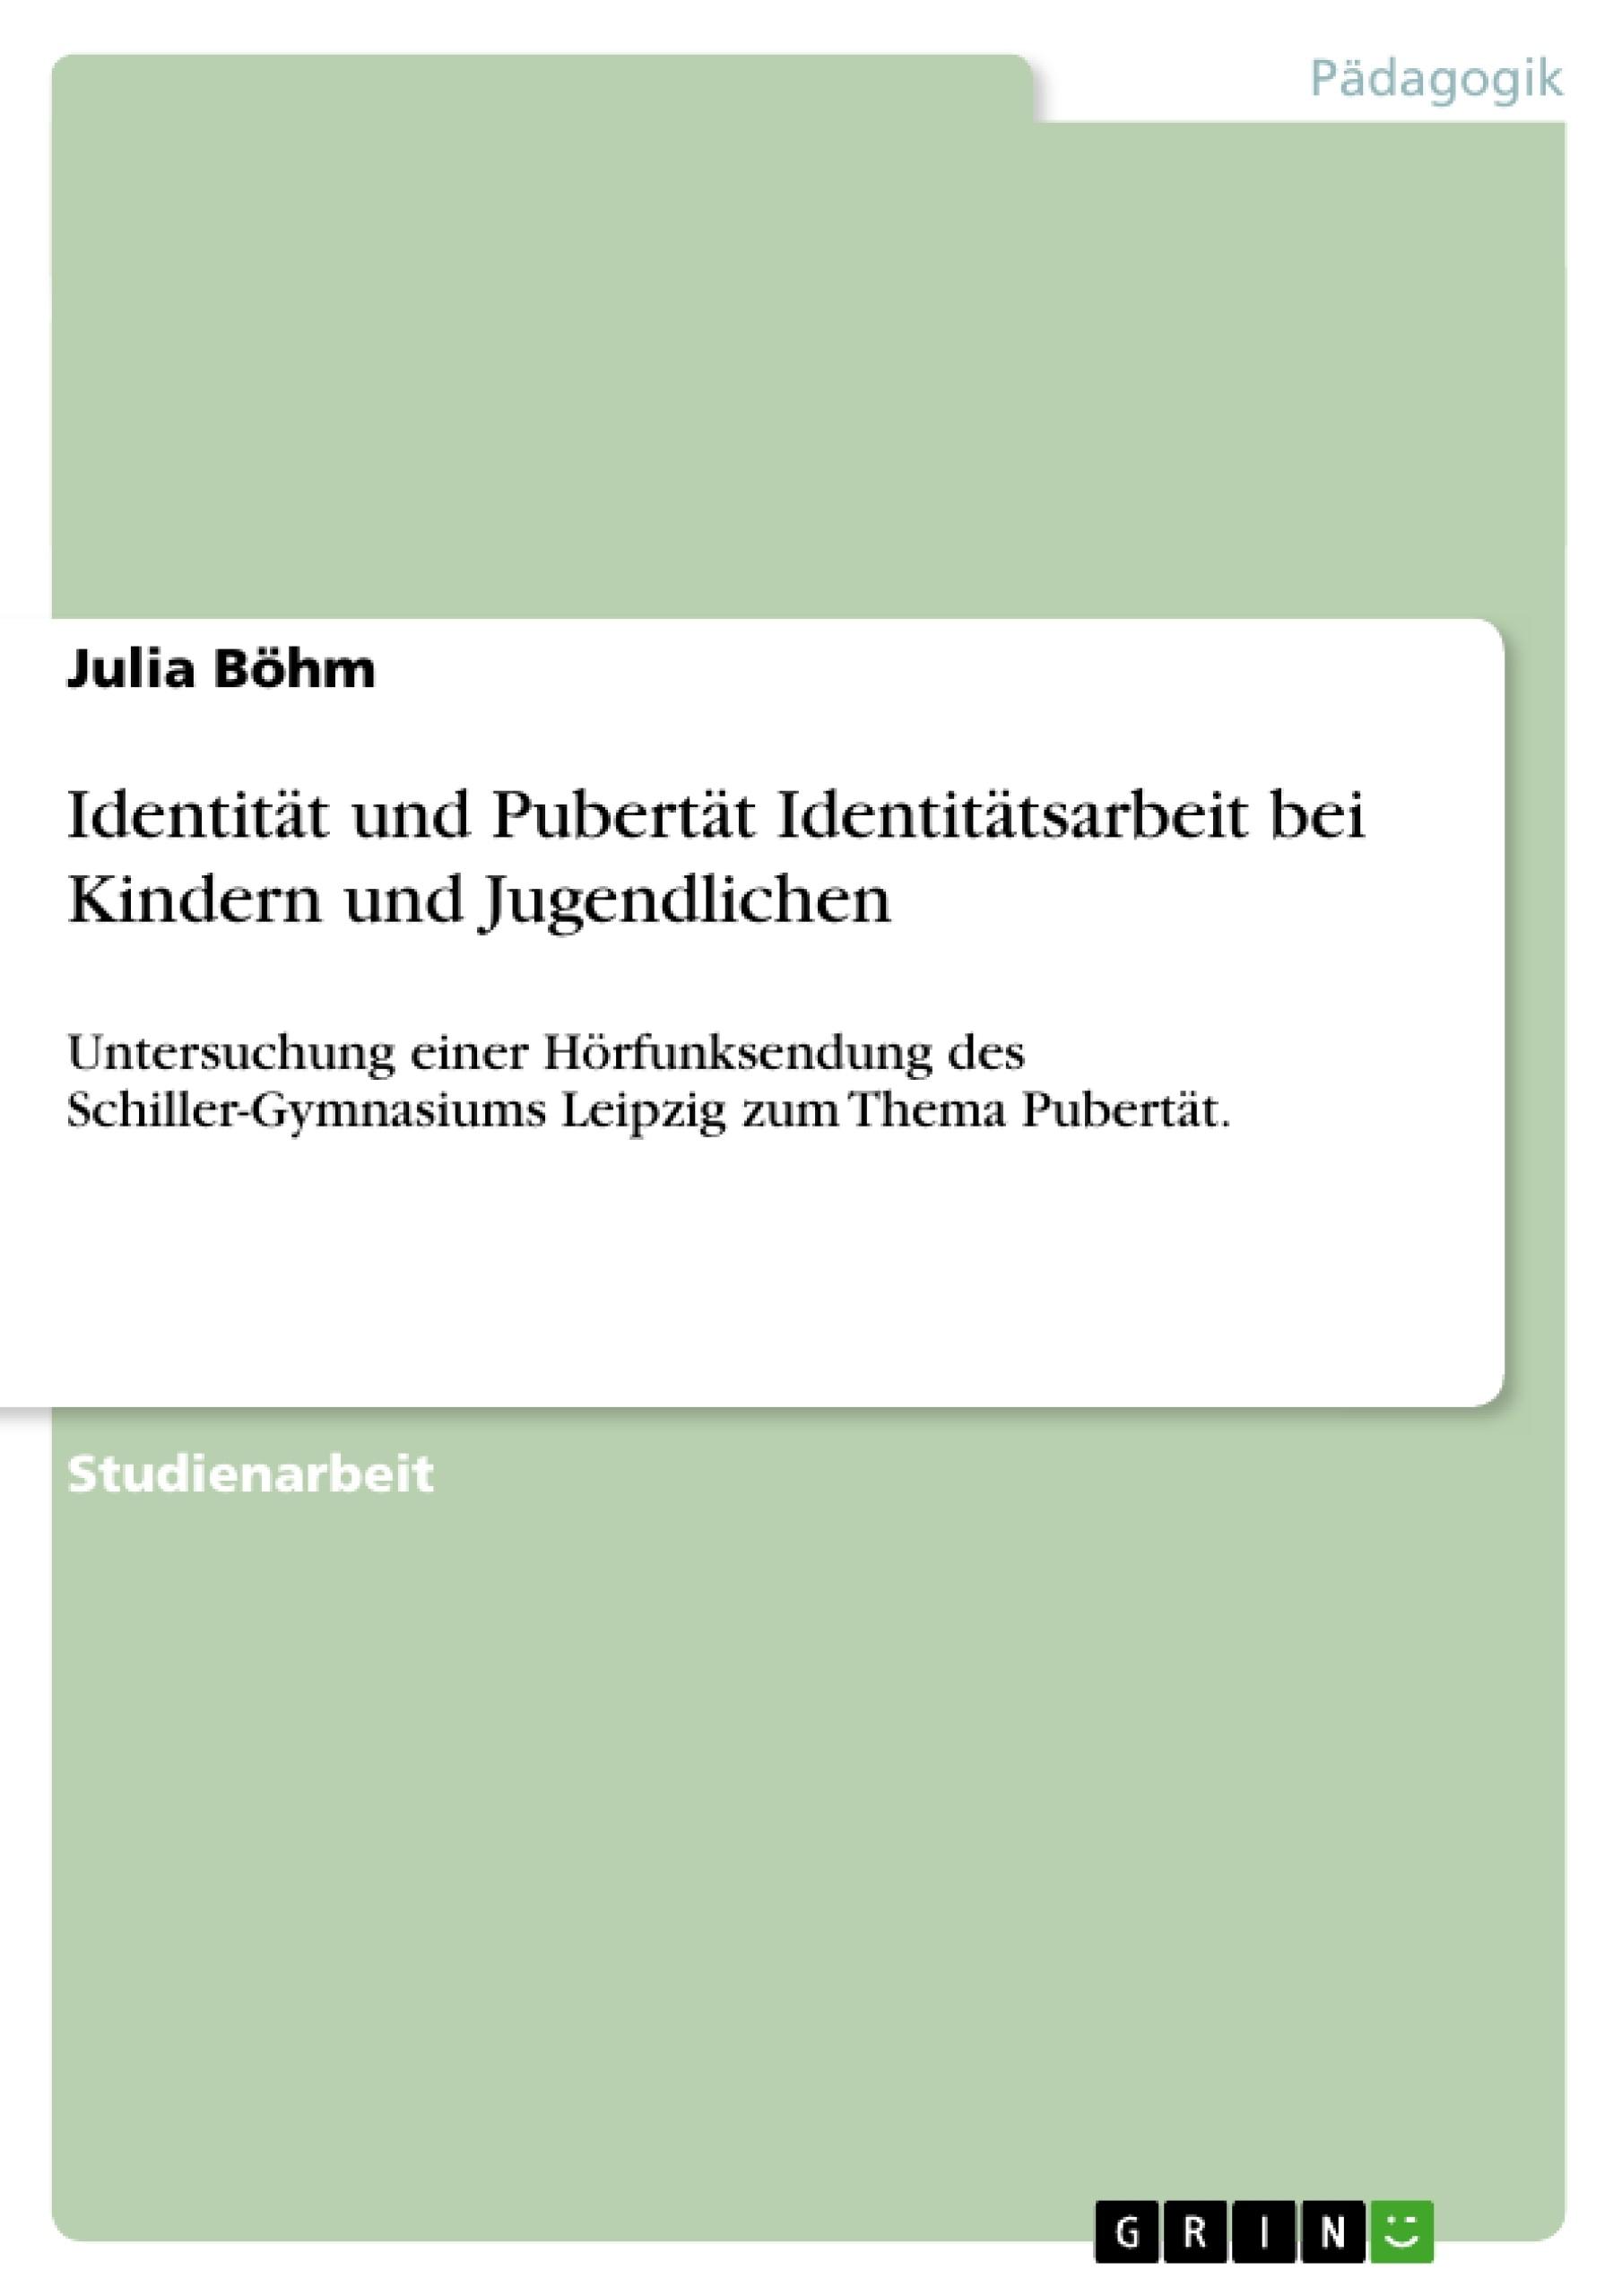 Titel: Identität und Pubertät Identitätsarbeit bei Kindern und Jugendlichen